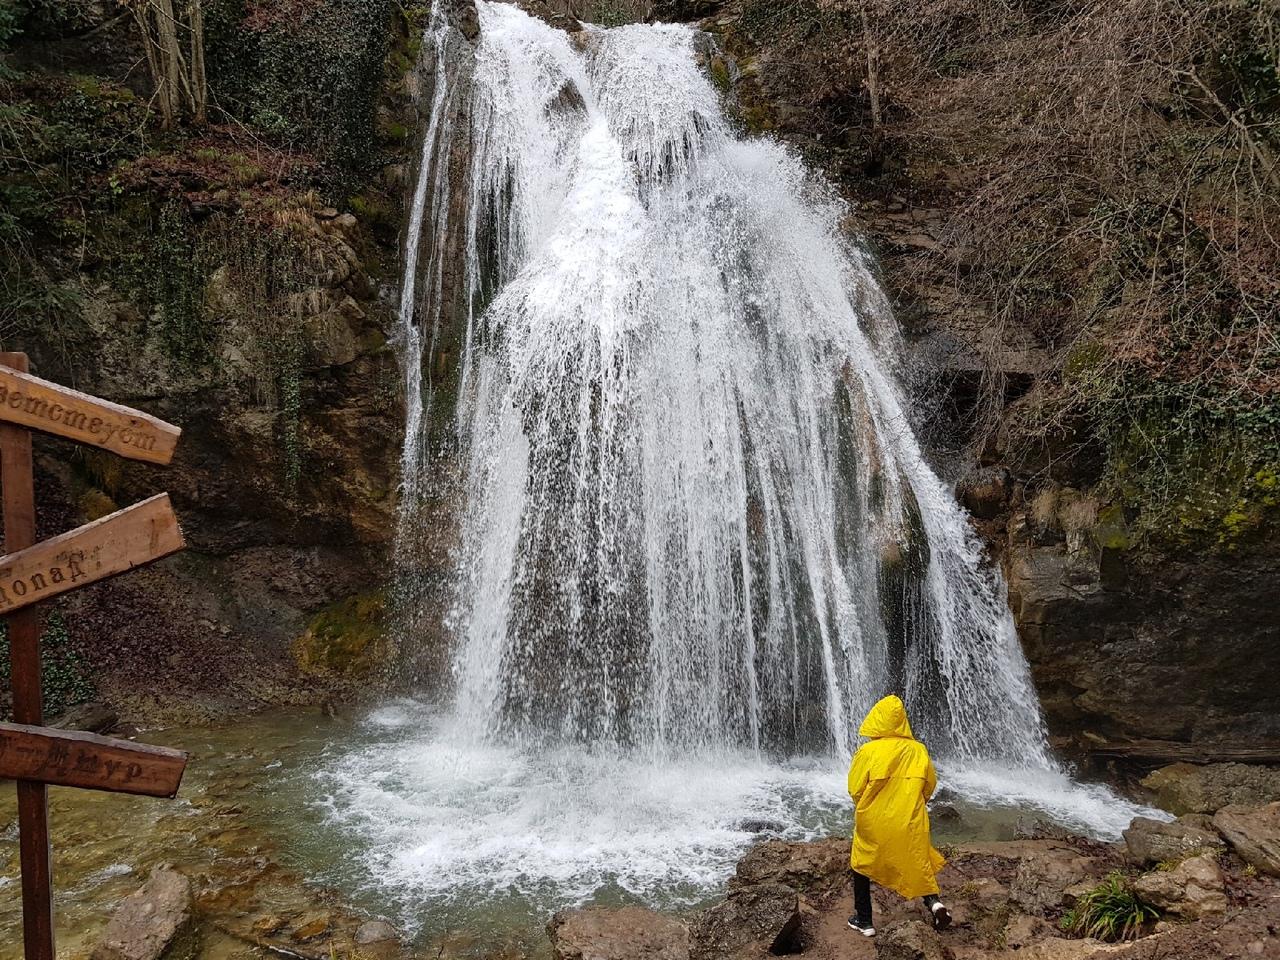 Блог путешественника по Крыму: как добраться до водопада Джур-Джур